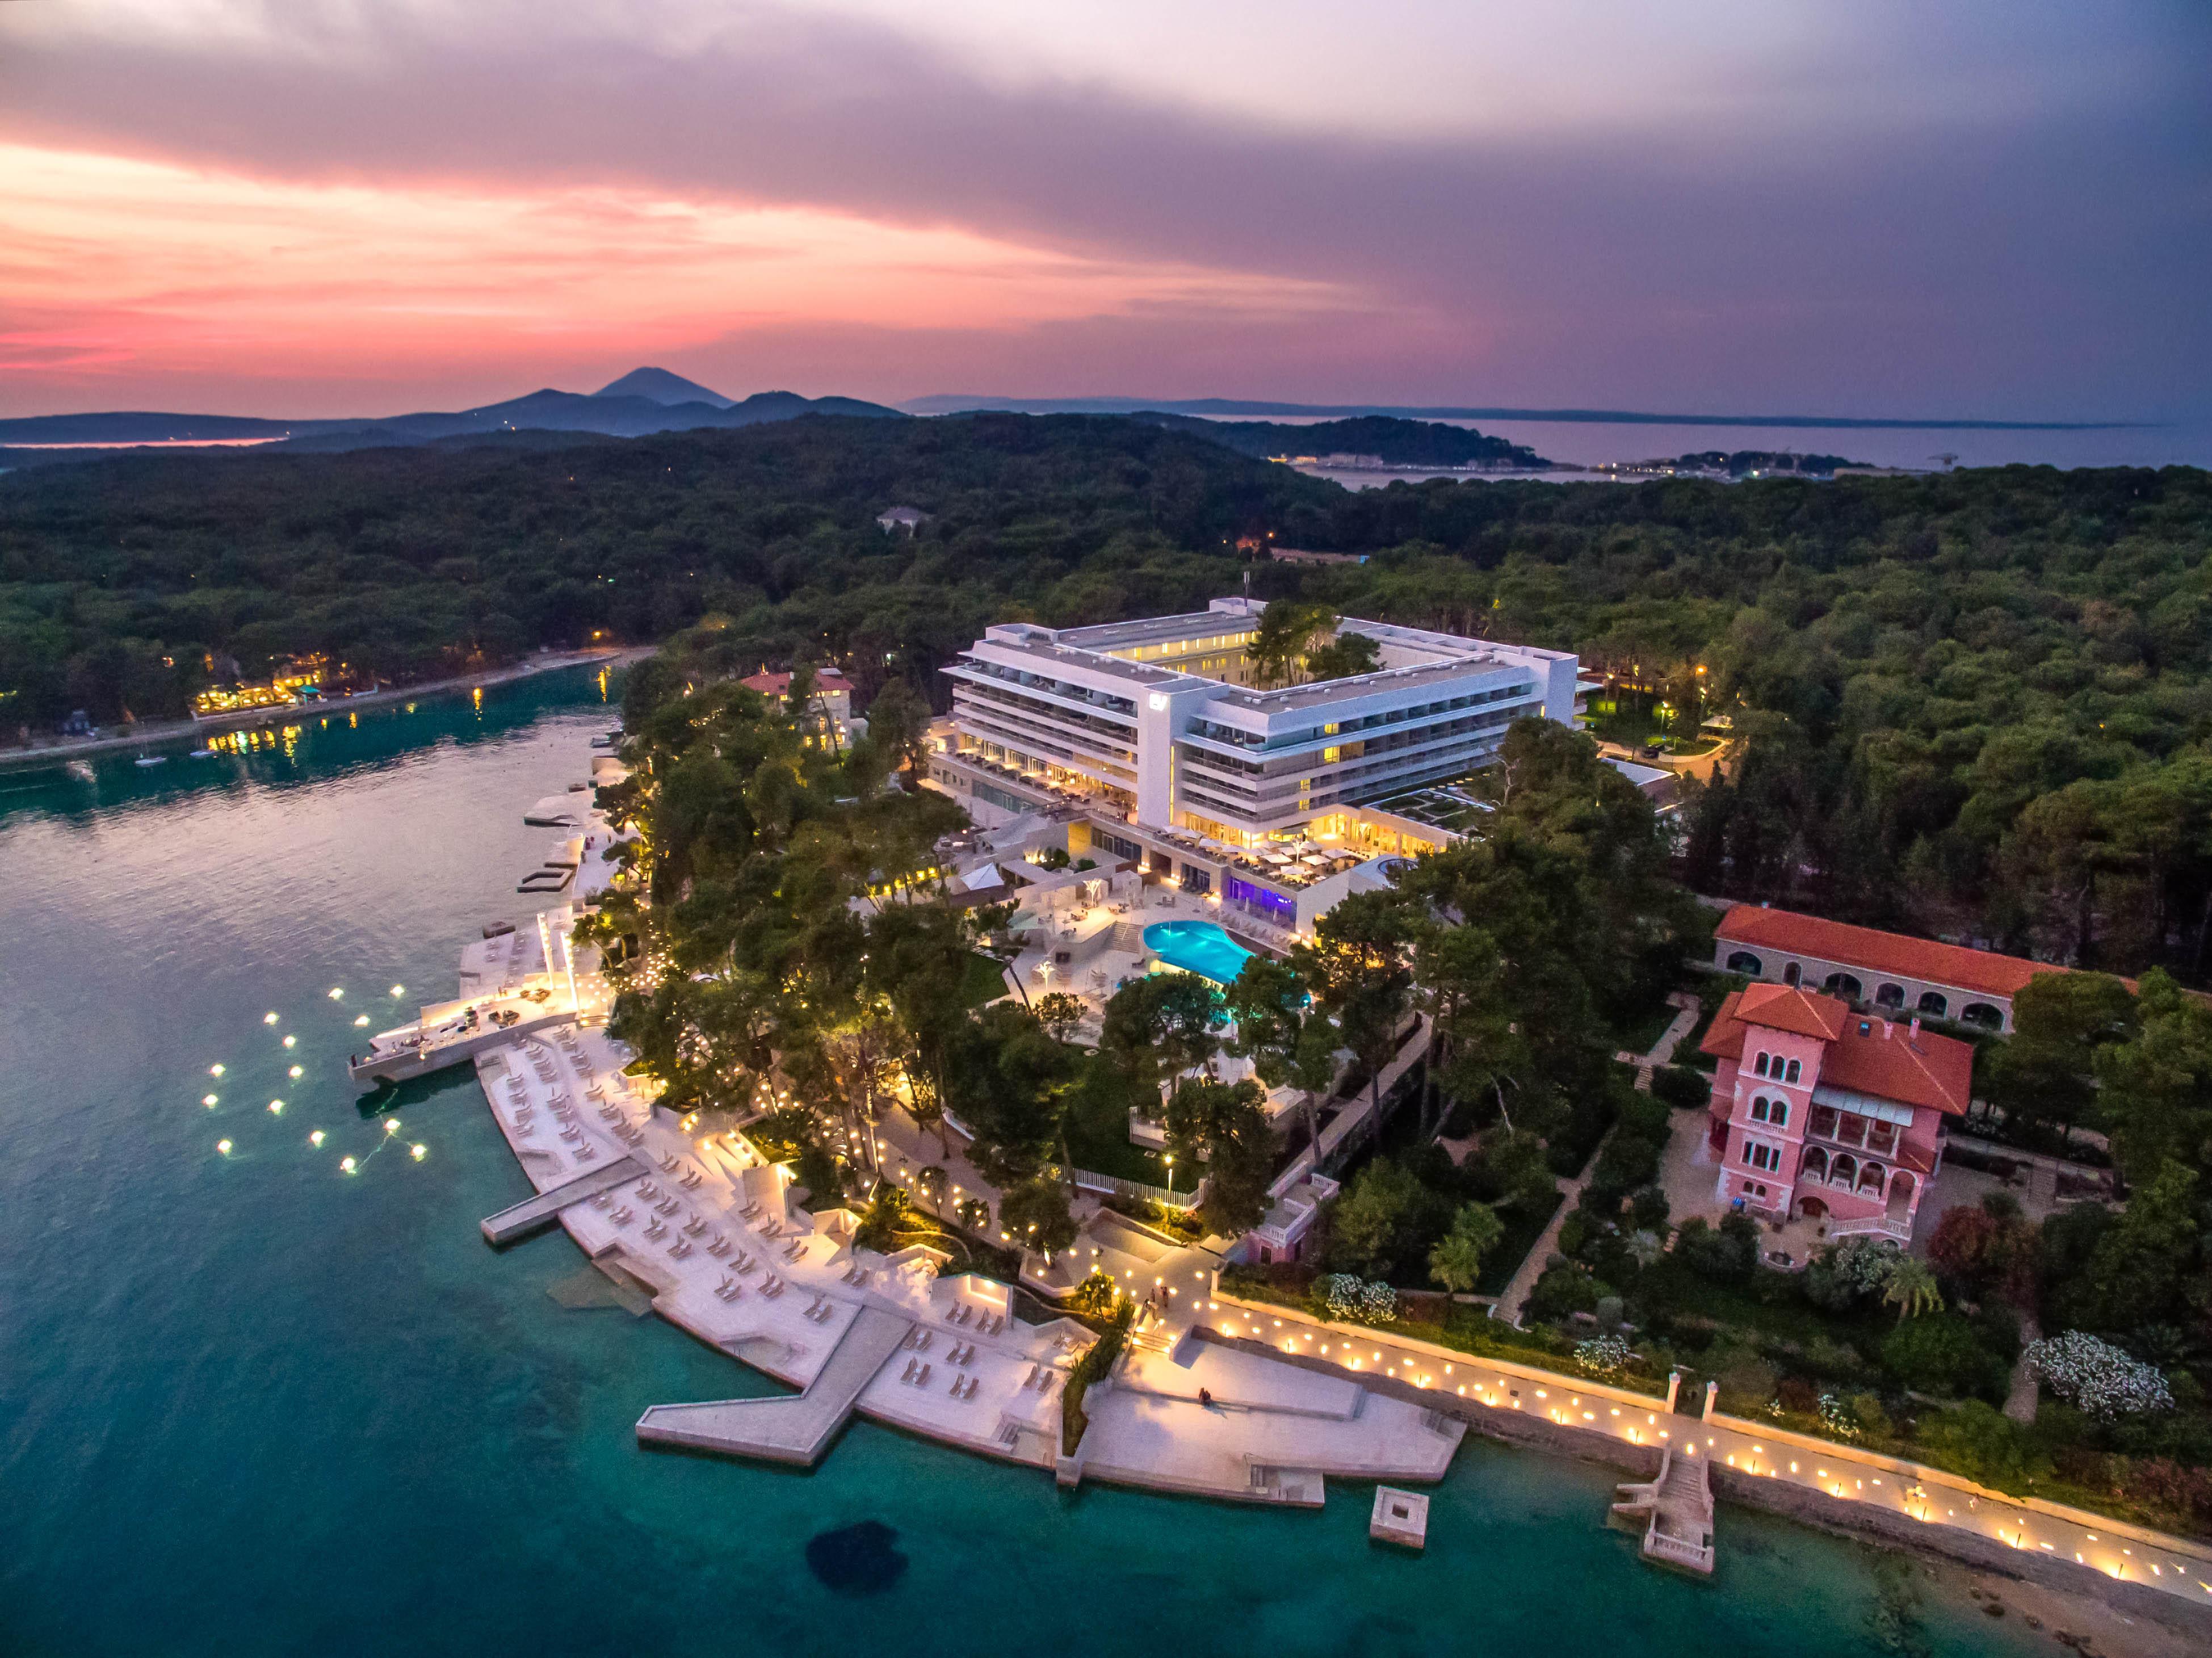 Lussino hotel da sogno nell isola della vitalita club for Isole da sogno a sud della birmania codycross